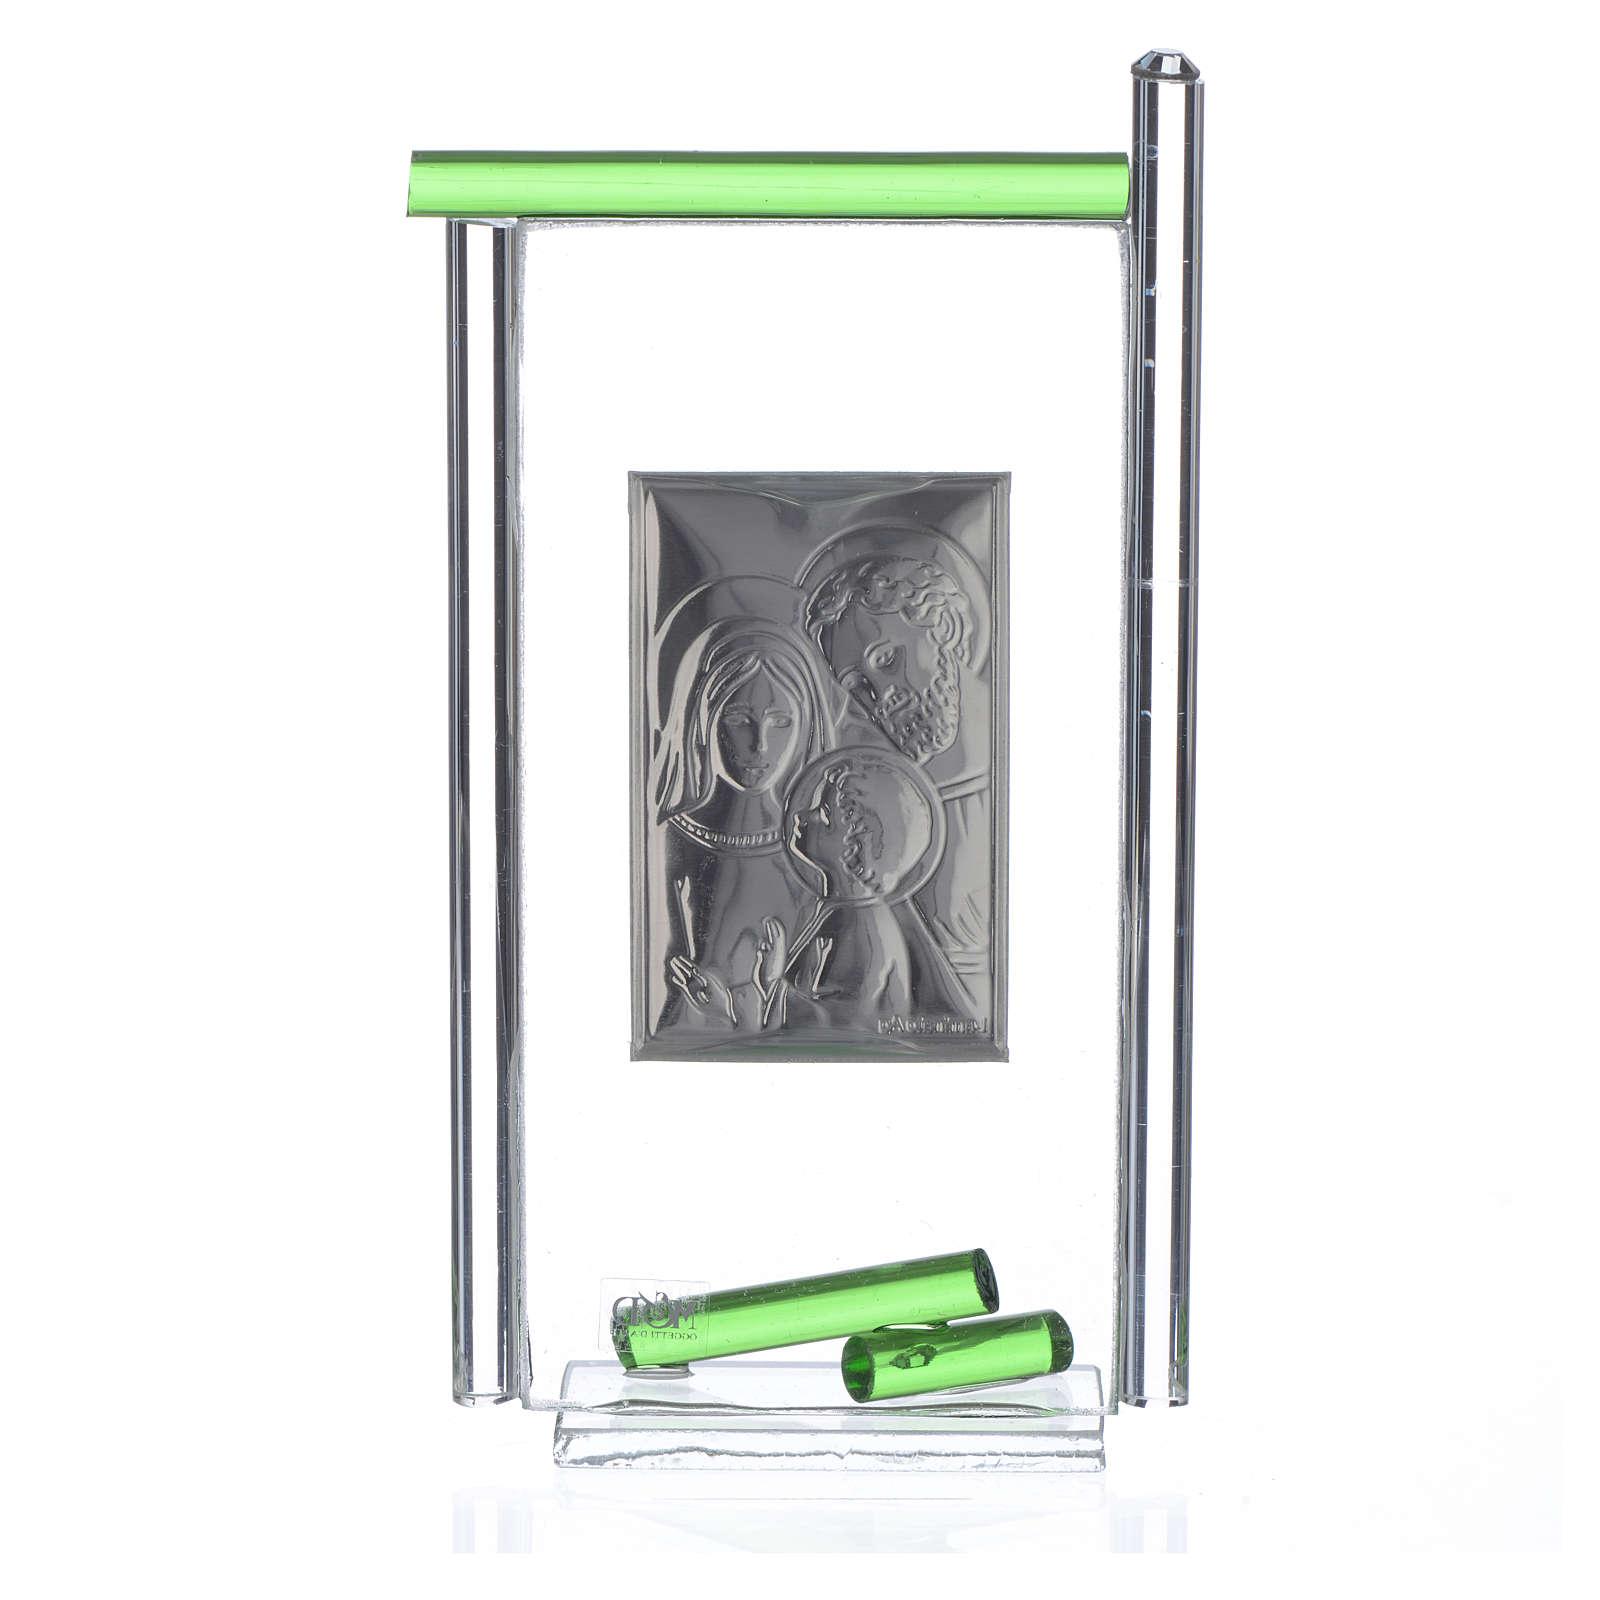 Regalo S.Familia plata vidrio Murano Verde 13x8 cm 3